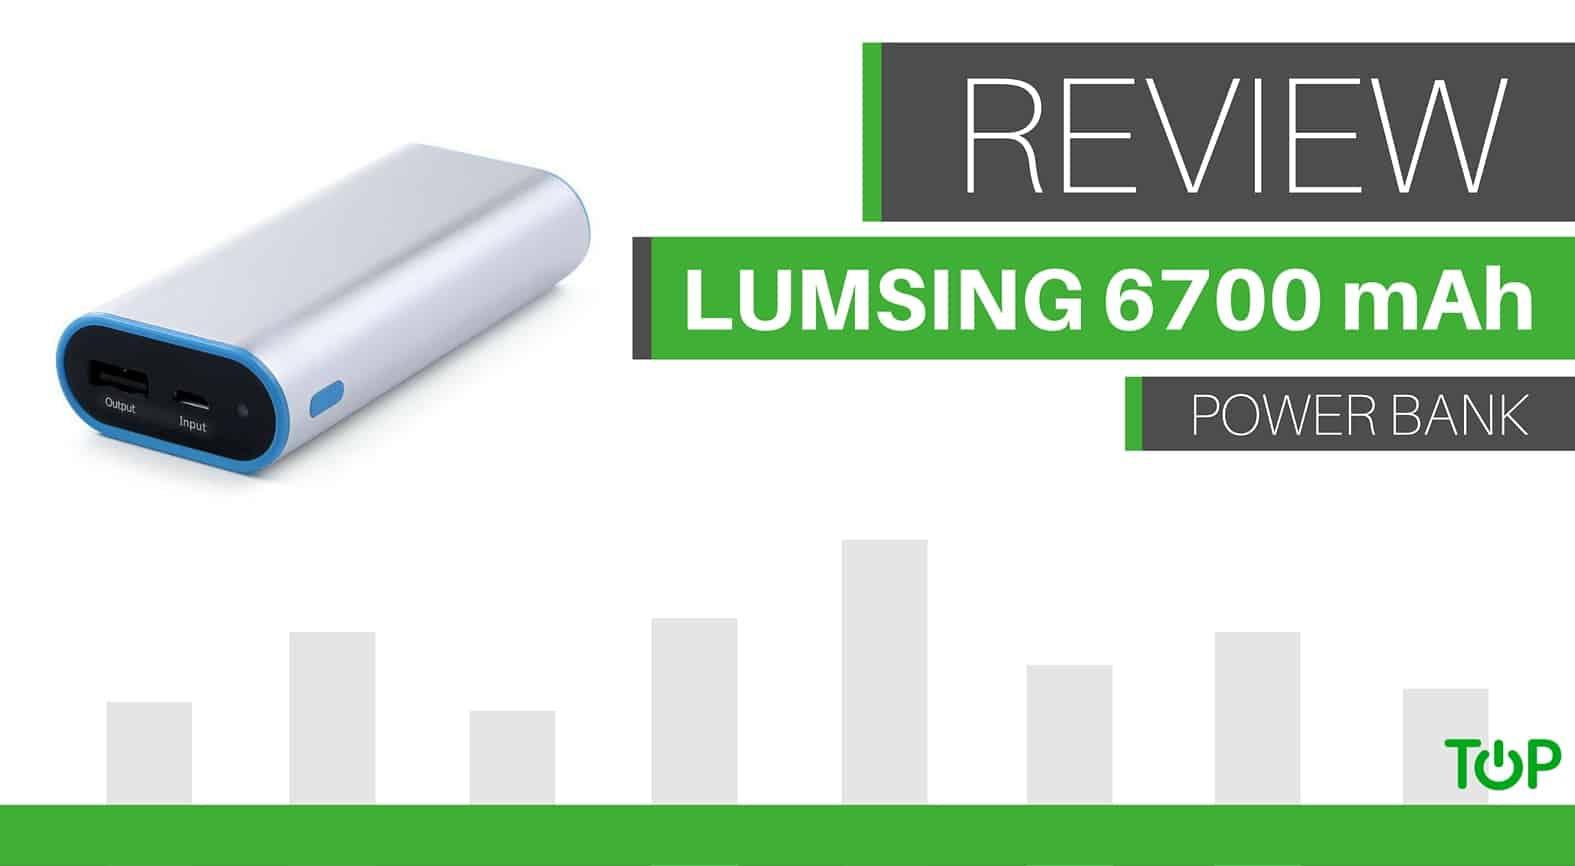 Grand A1 Mini, el power bank de bolsillo de Lumsing